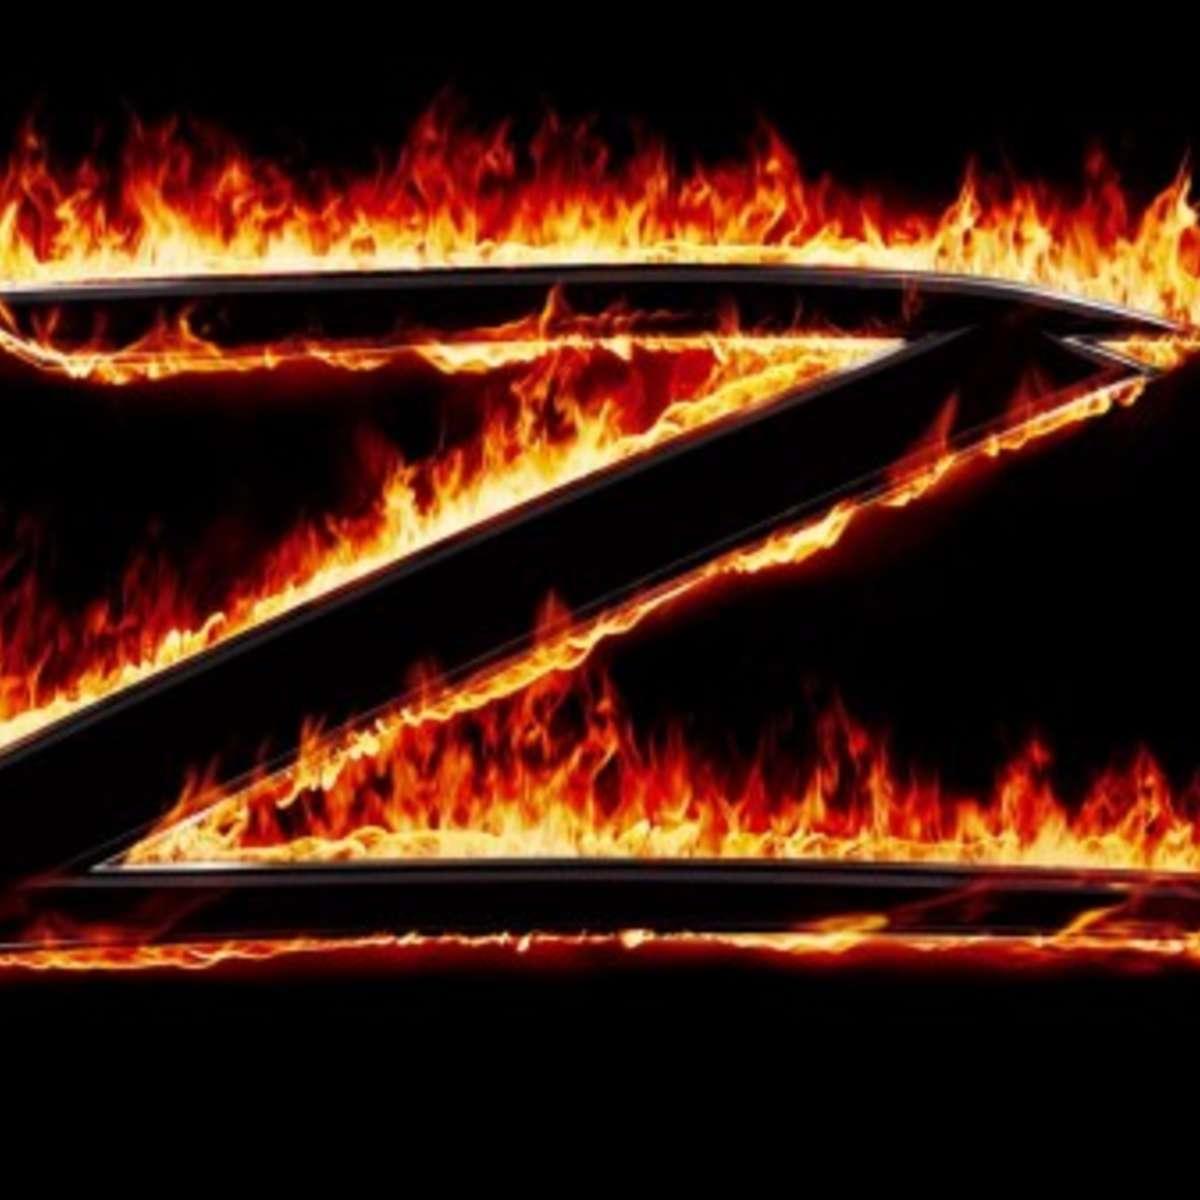 zorro-flame.jpg